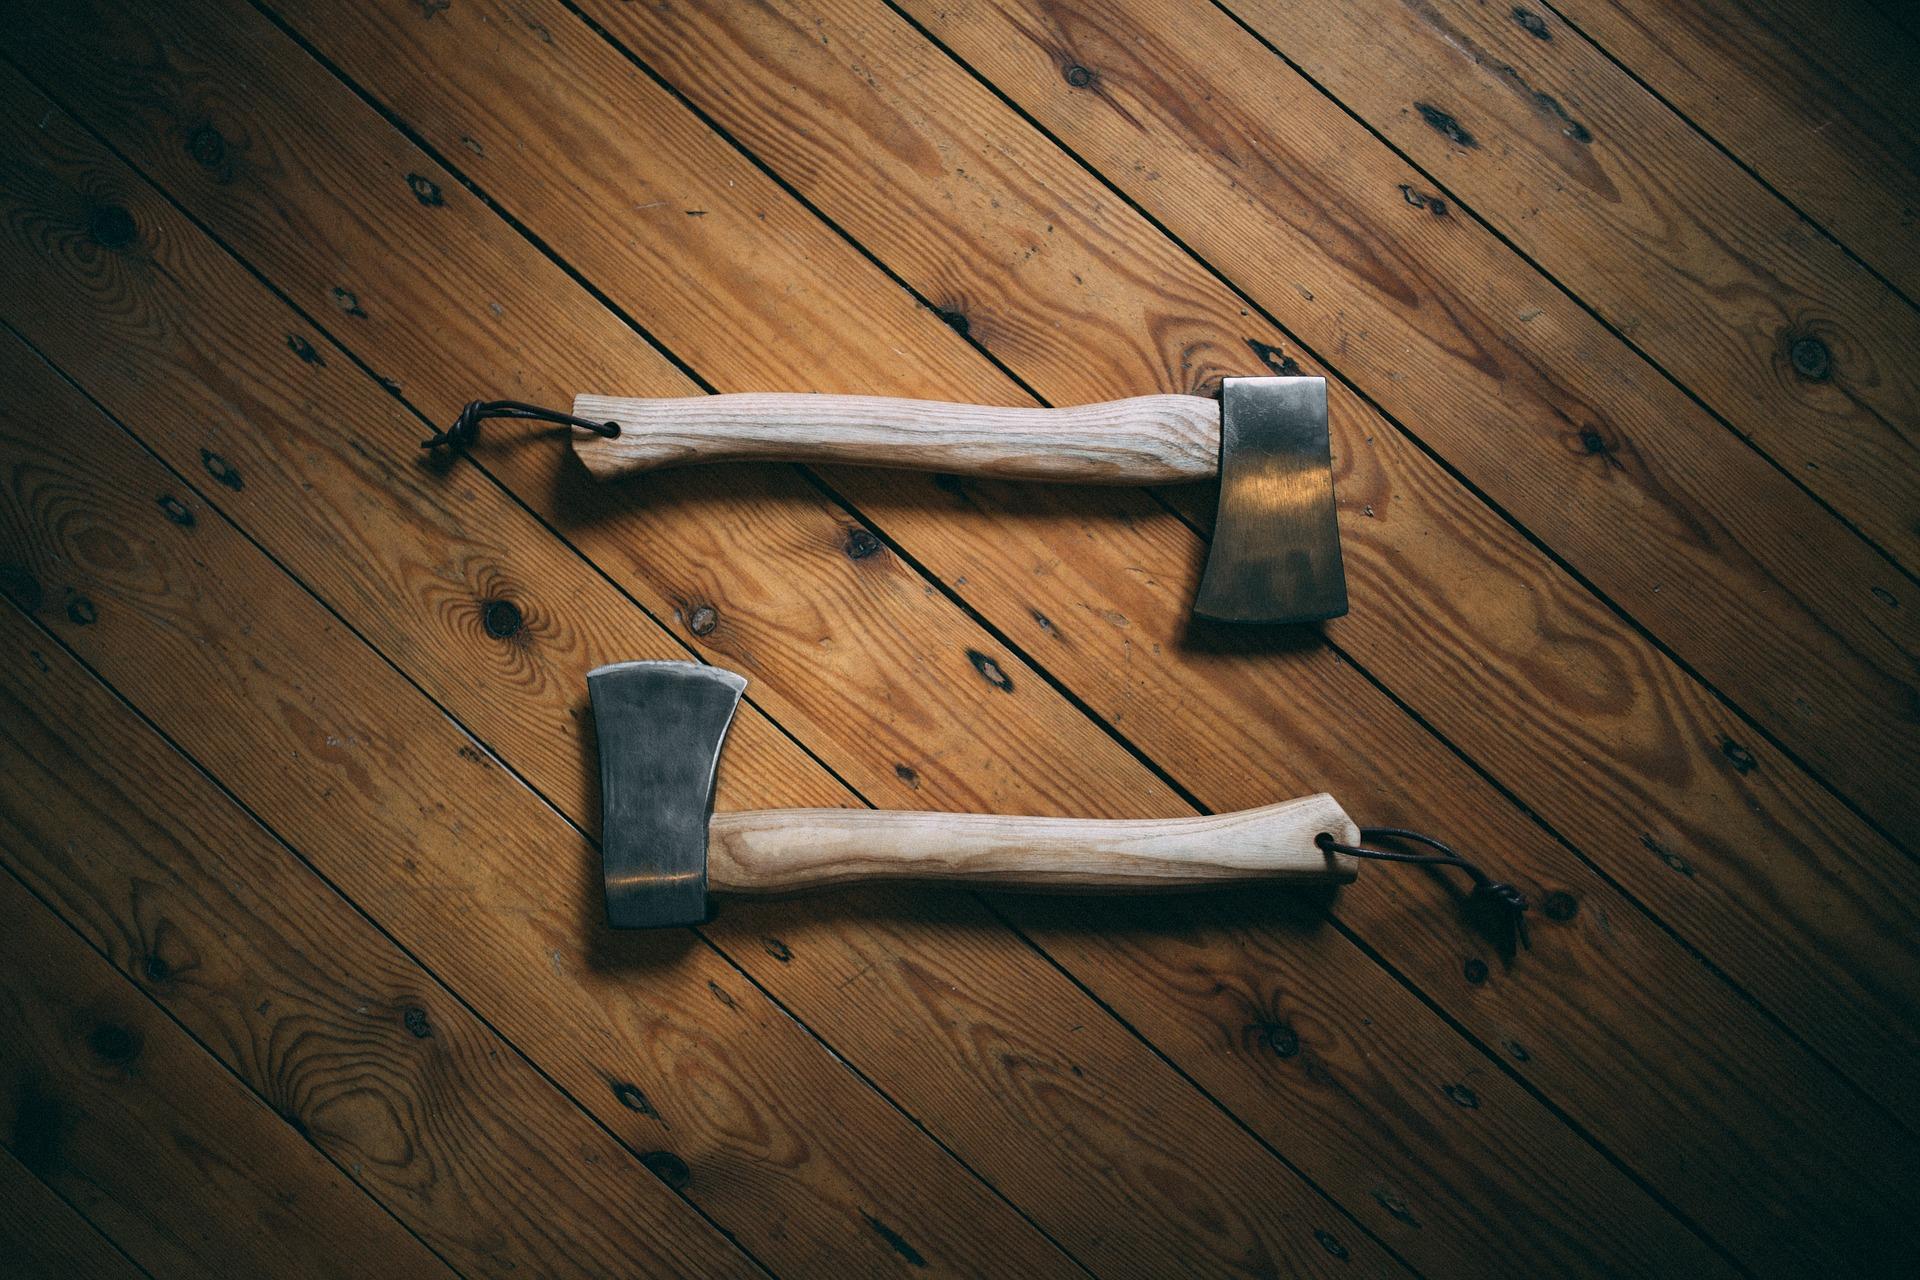 Które drewno jest najbardziej wytrzymałe? Test podłogi drewnianej z dębu i jesionu